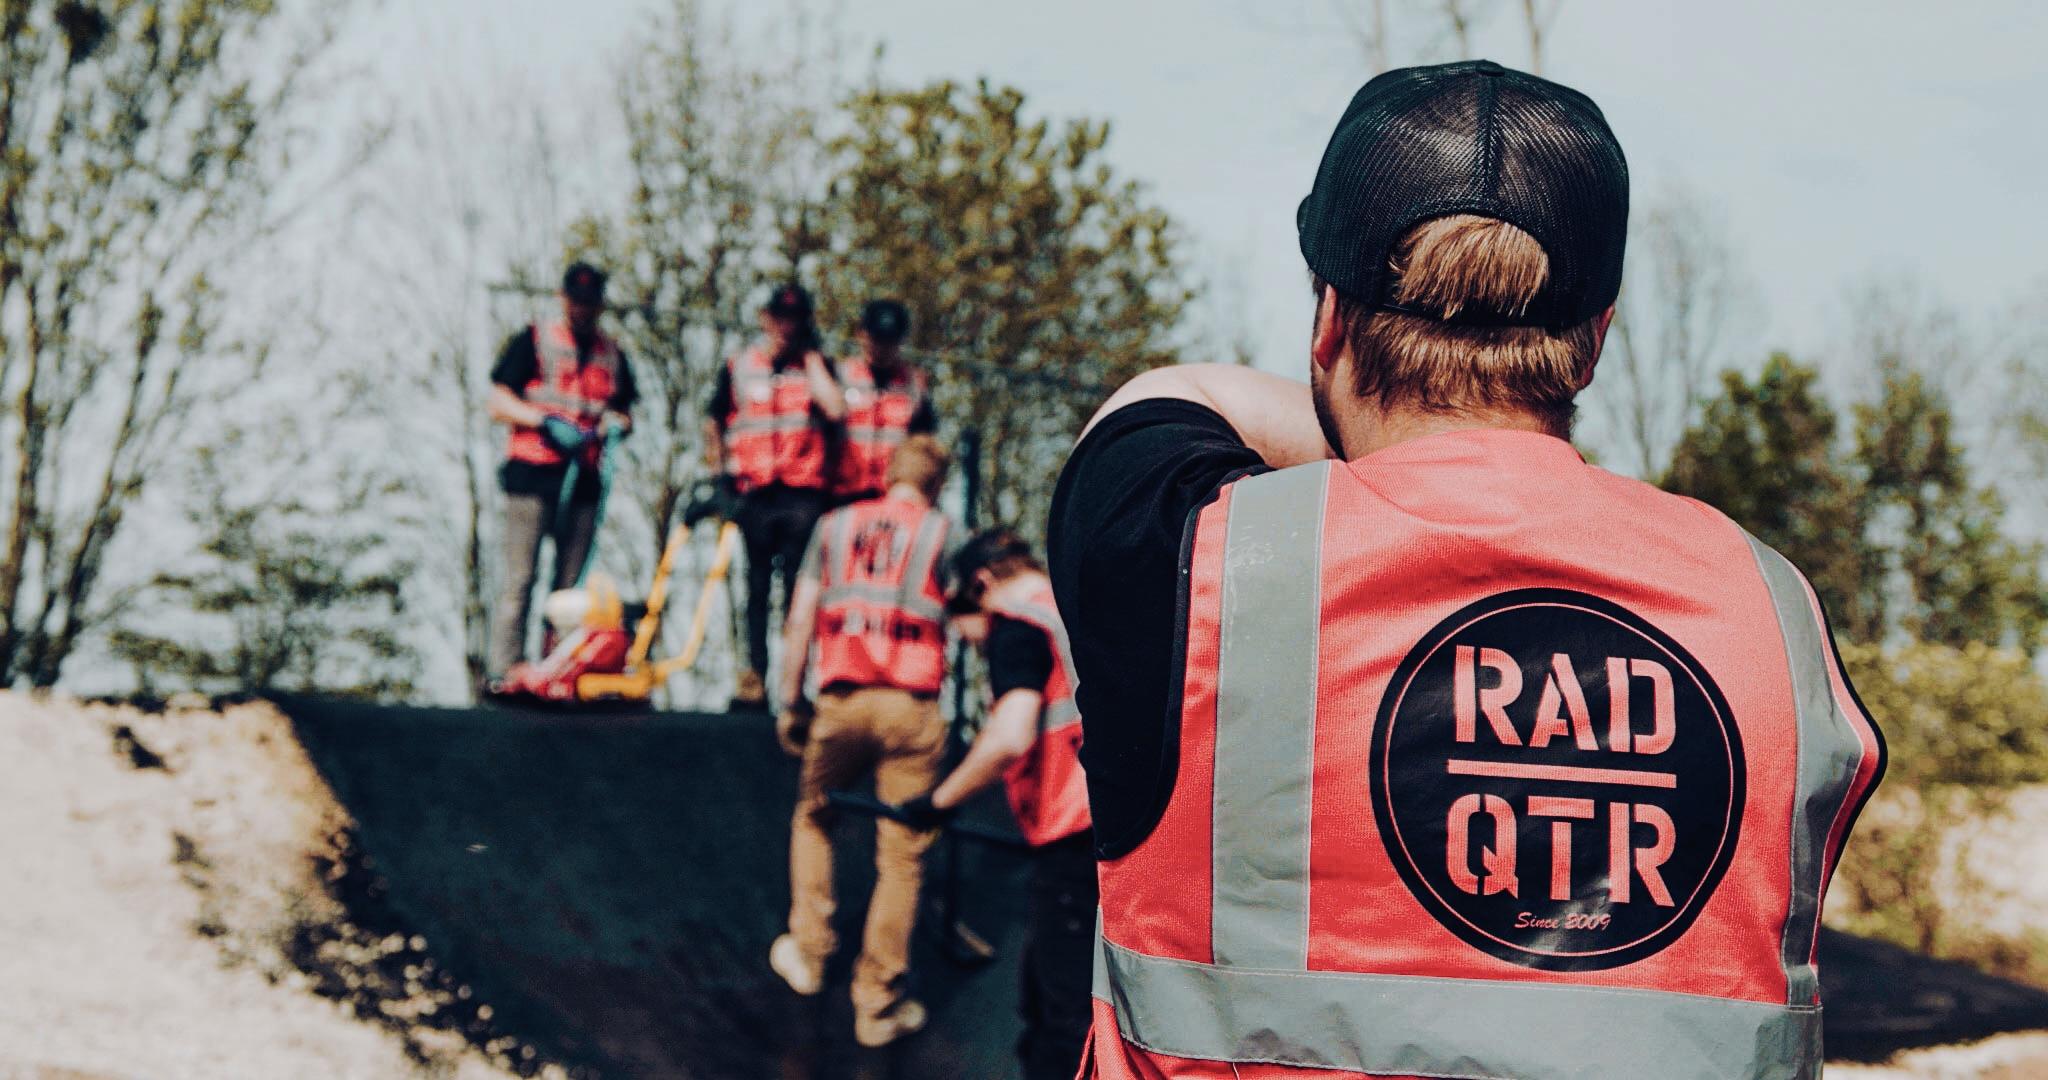 Die Fachfirma RadQuartier GmbH beim Bau des Asphalt Pumptracks mit Kinderpumptrack und Laufradpumptrack